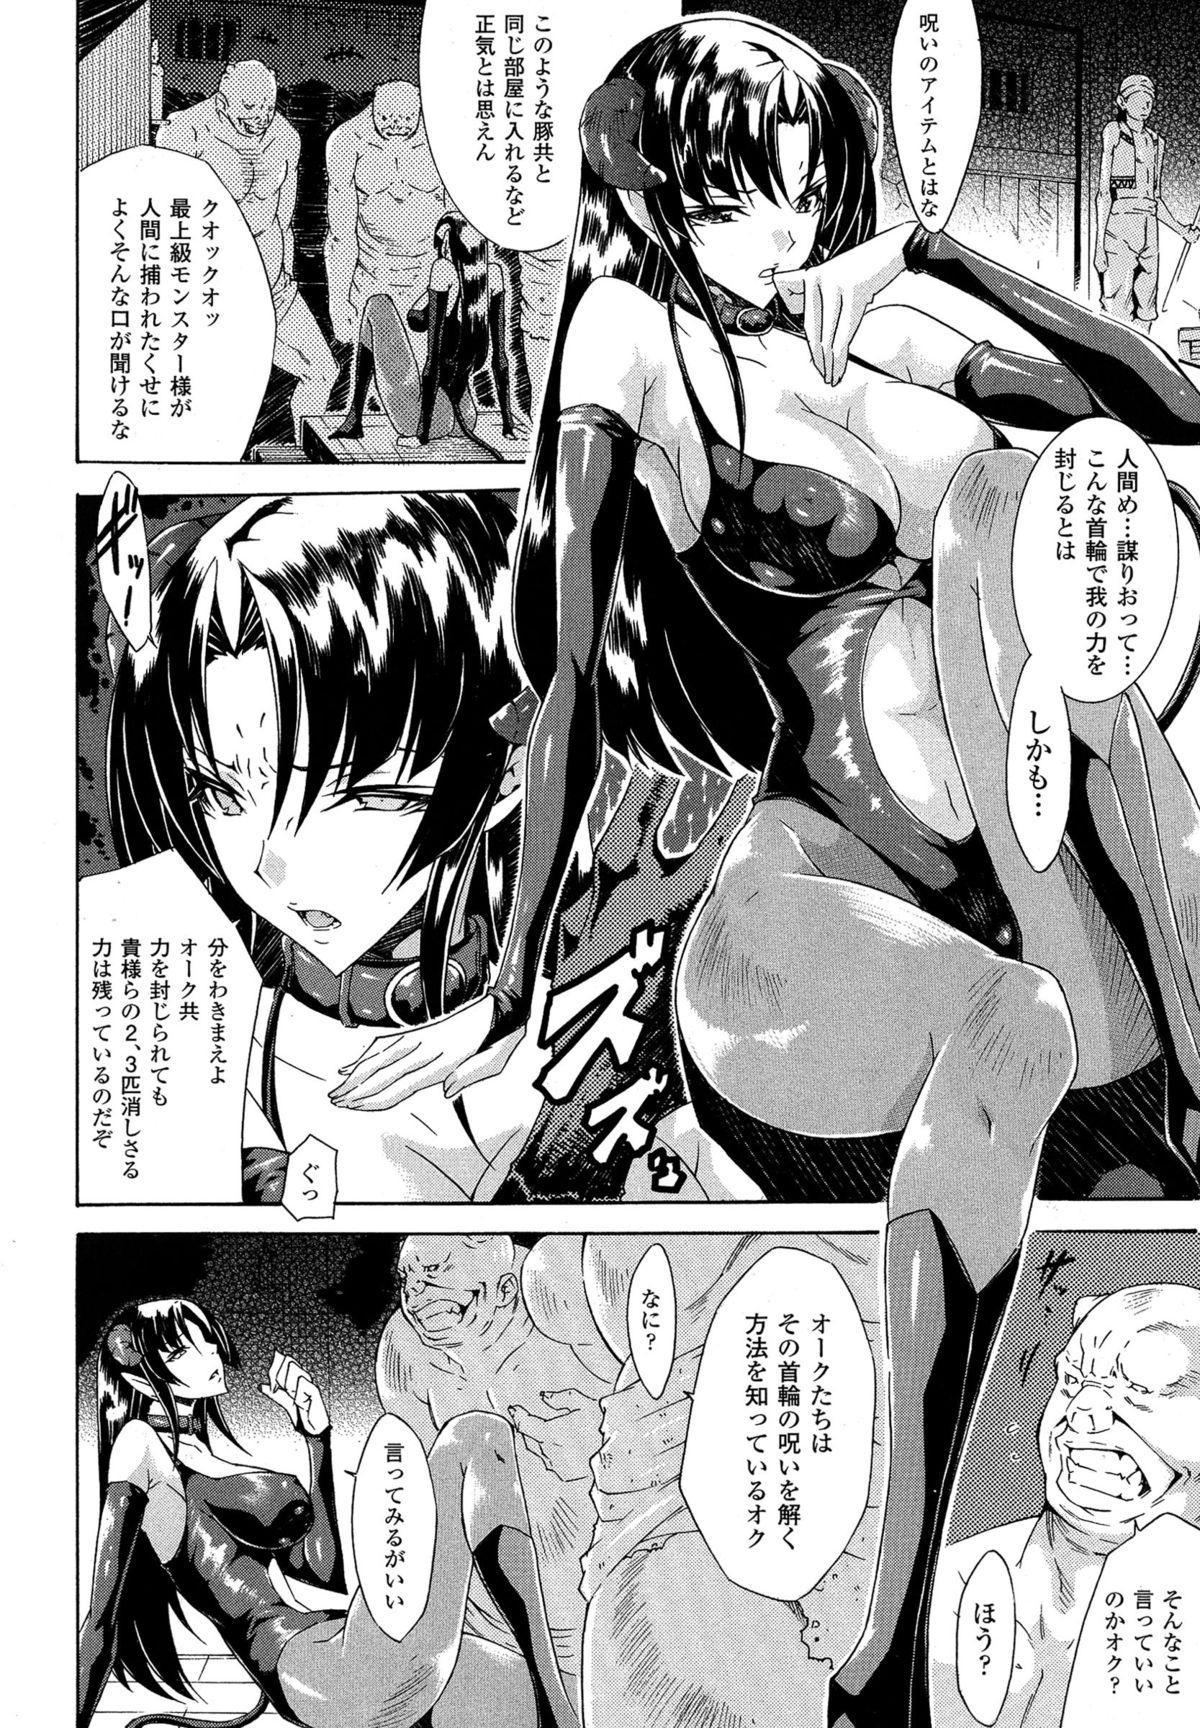 Kachiki na Onna ga Buzama na Ahegao o Sarasu made 85